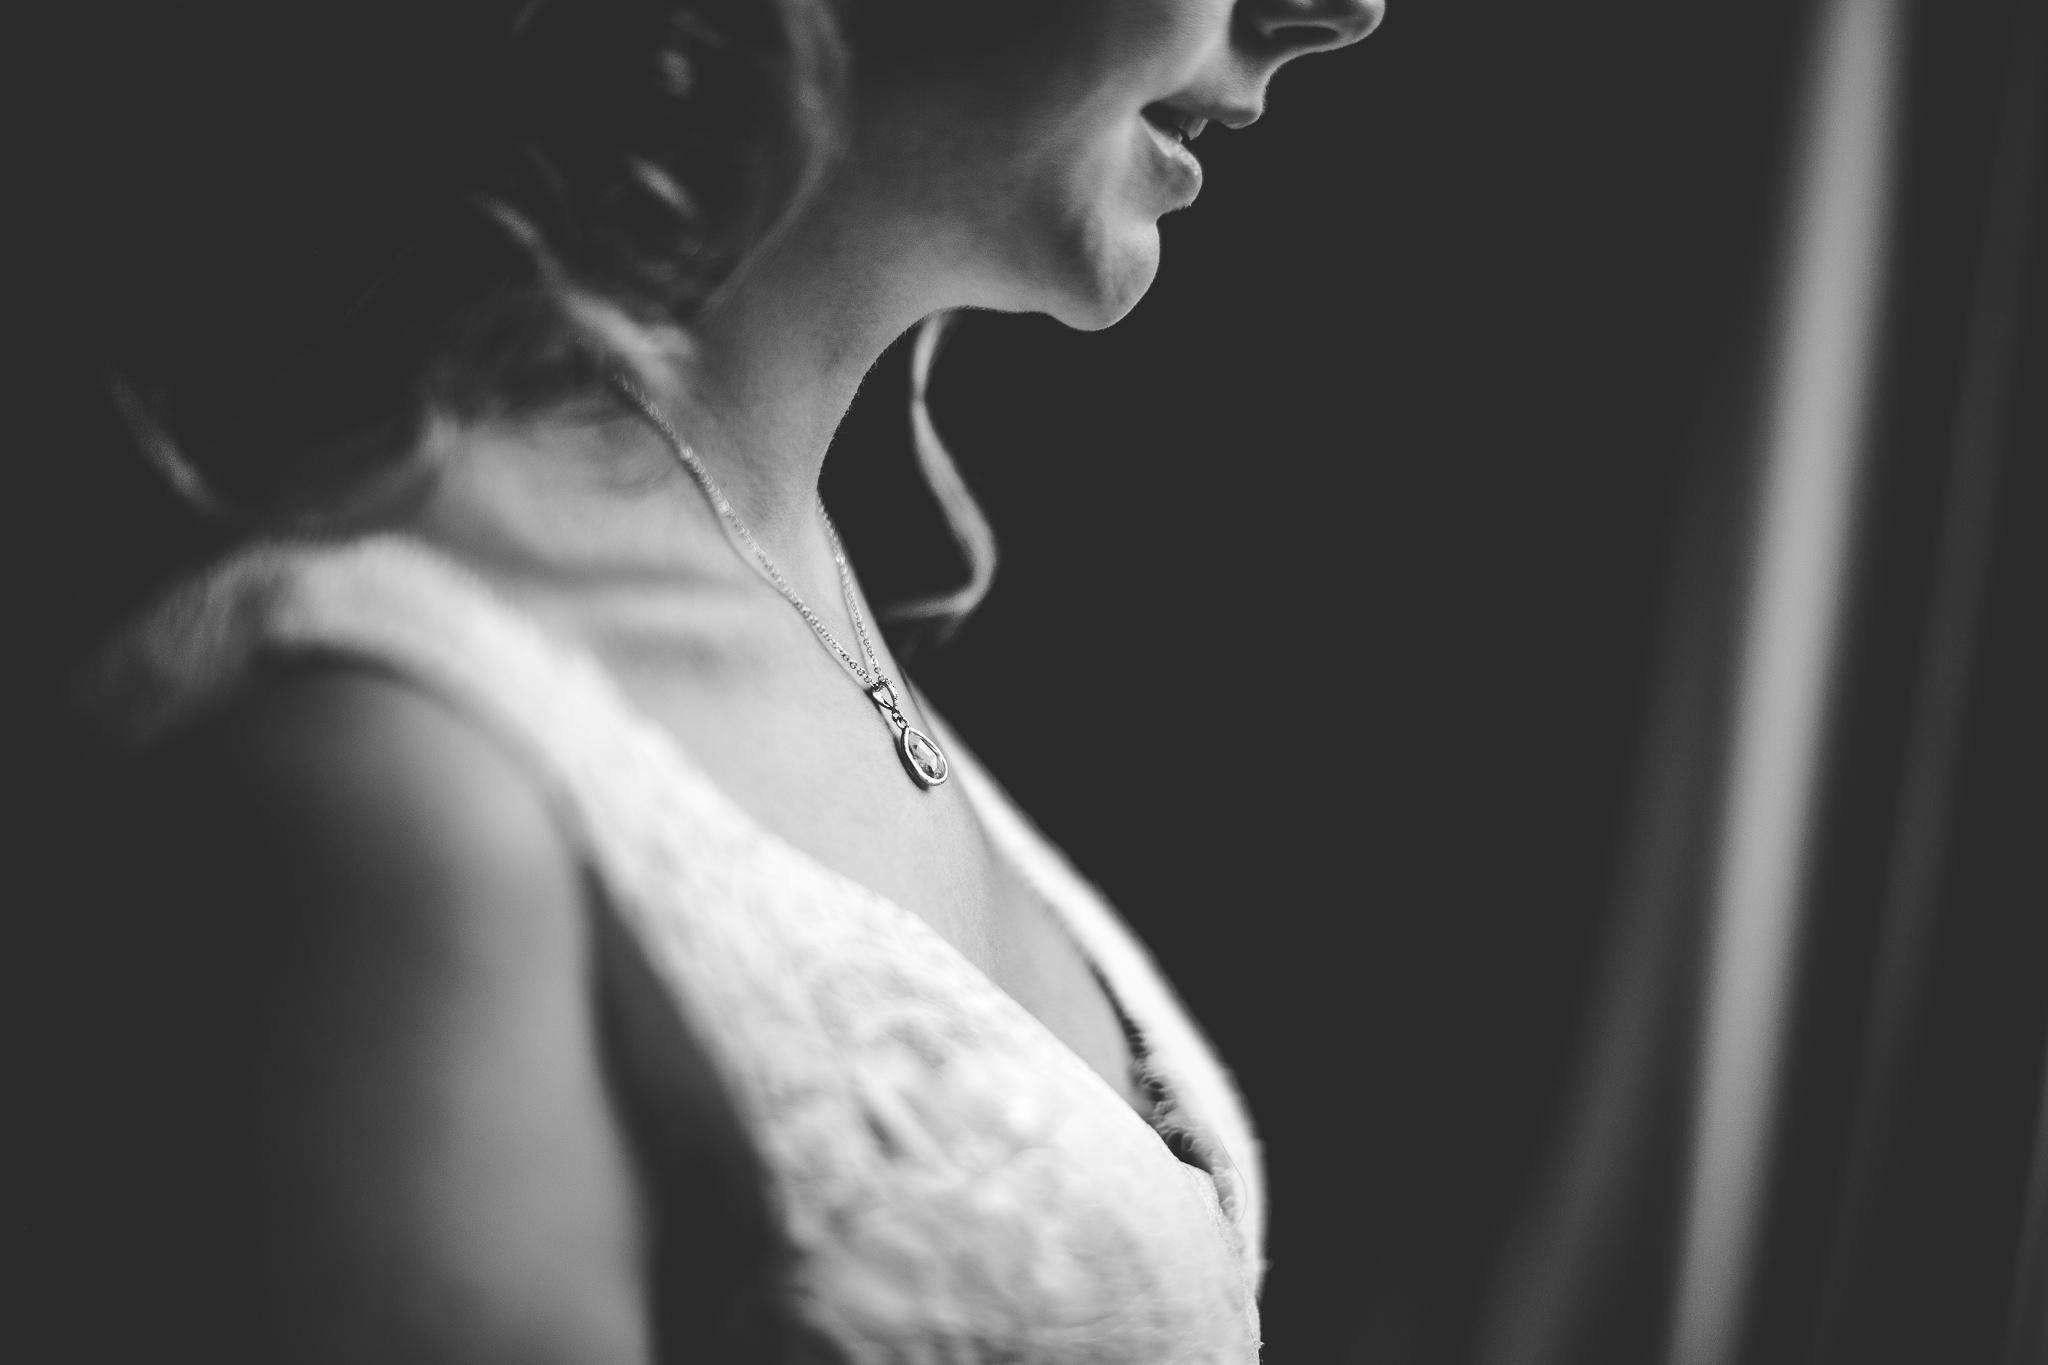 reportage mariage photo habillage preparatifs la mariee details robe collier chaussures mas tolosa plaisance du touch